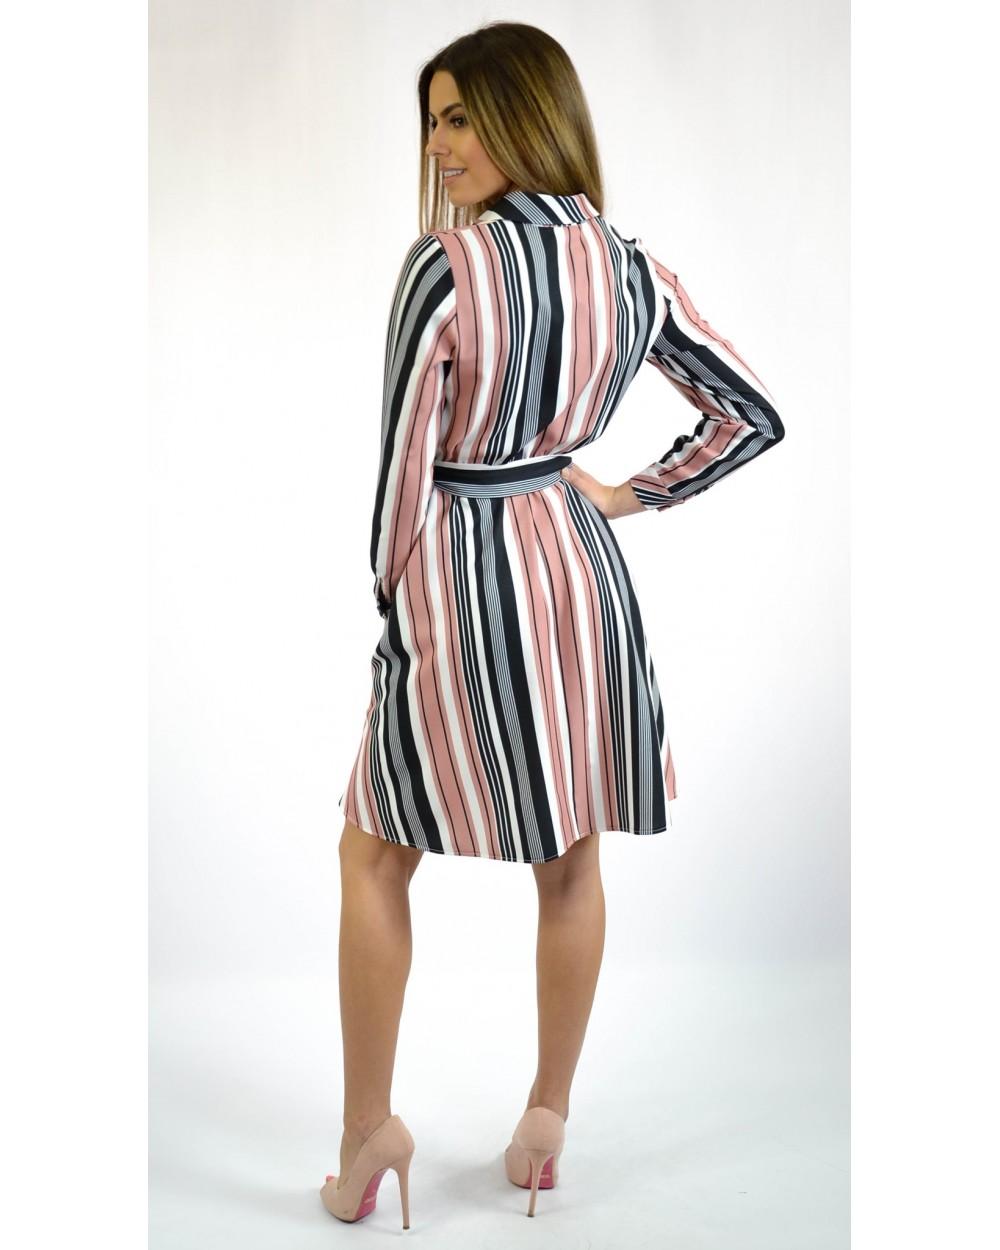 ff03875af8 Sukienka damska w paski z koszulową górą na co dzień sklep online